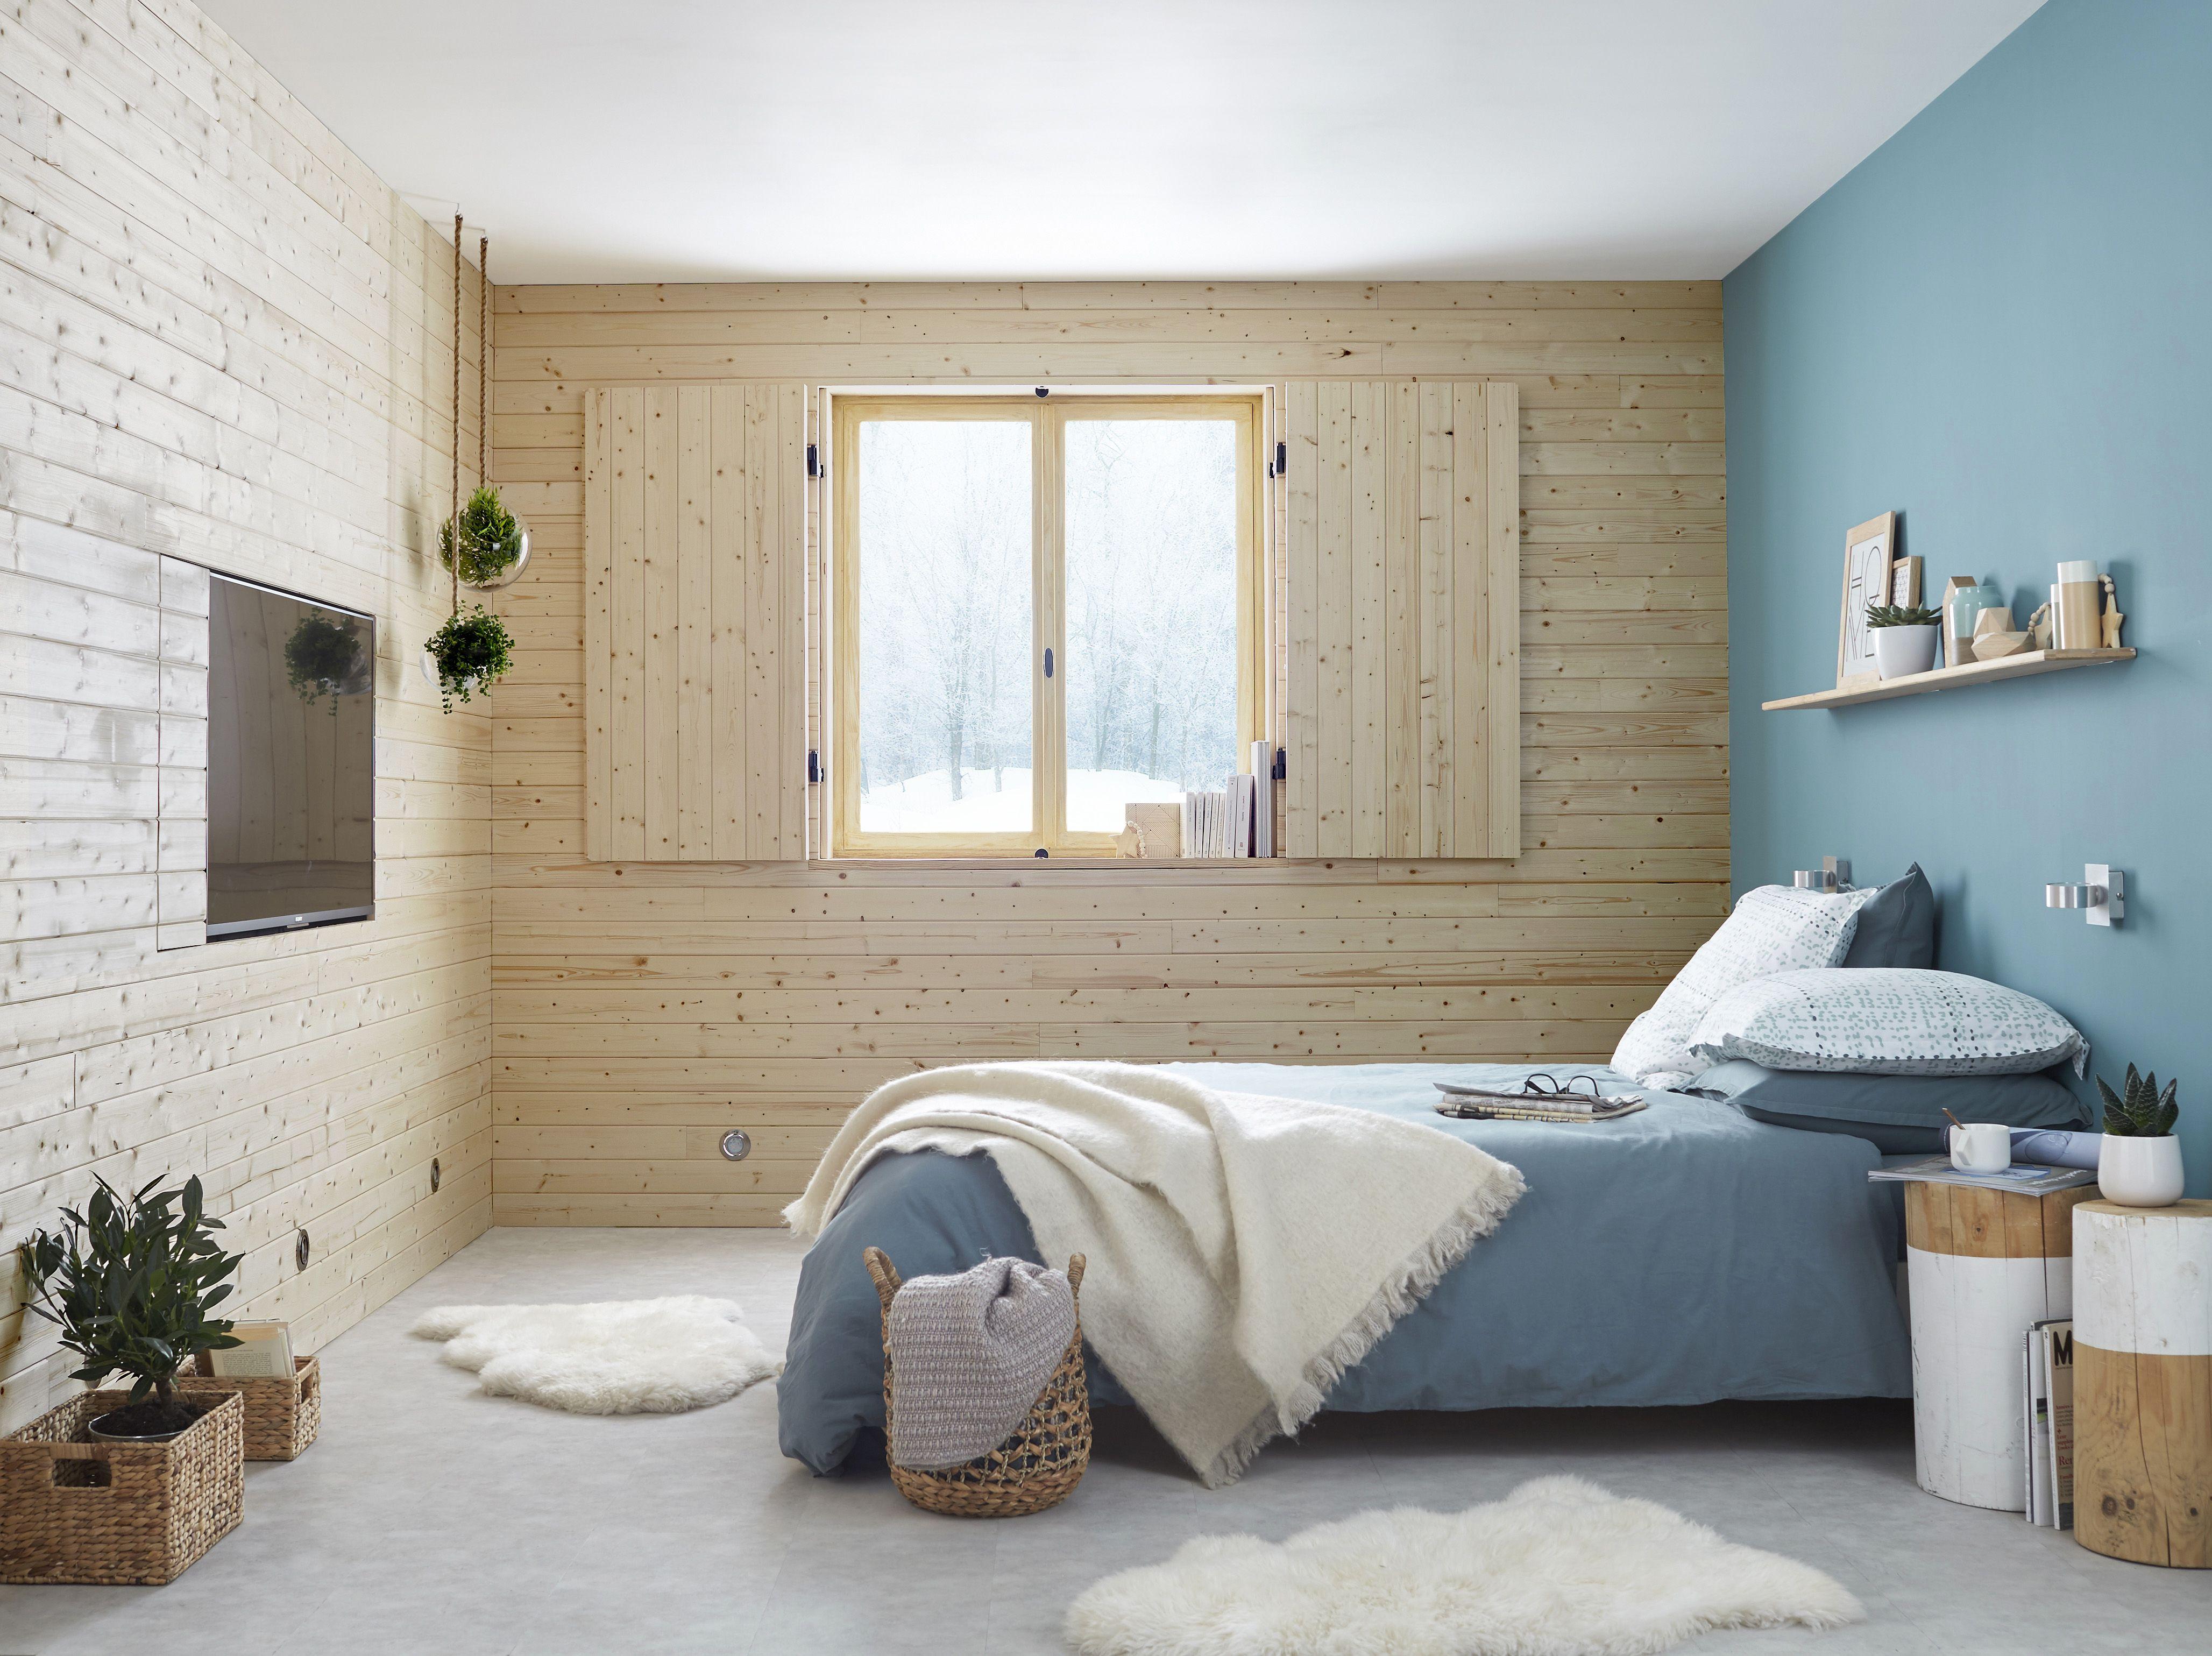 chambre adulte cocoon l 39 esprit scandinave avec les murs en bois clair chambre cocoon. Black Bedroom Furniture Sets. Home Design Ideas